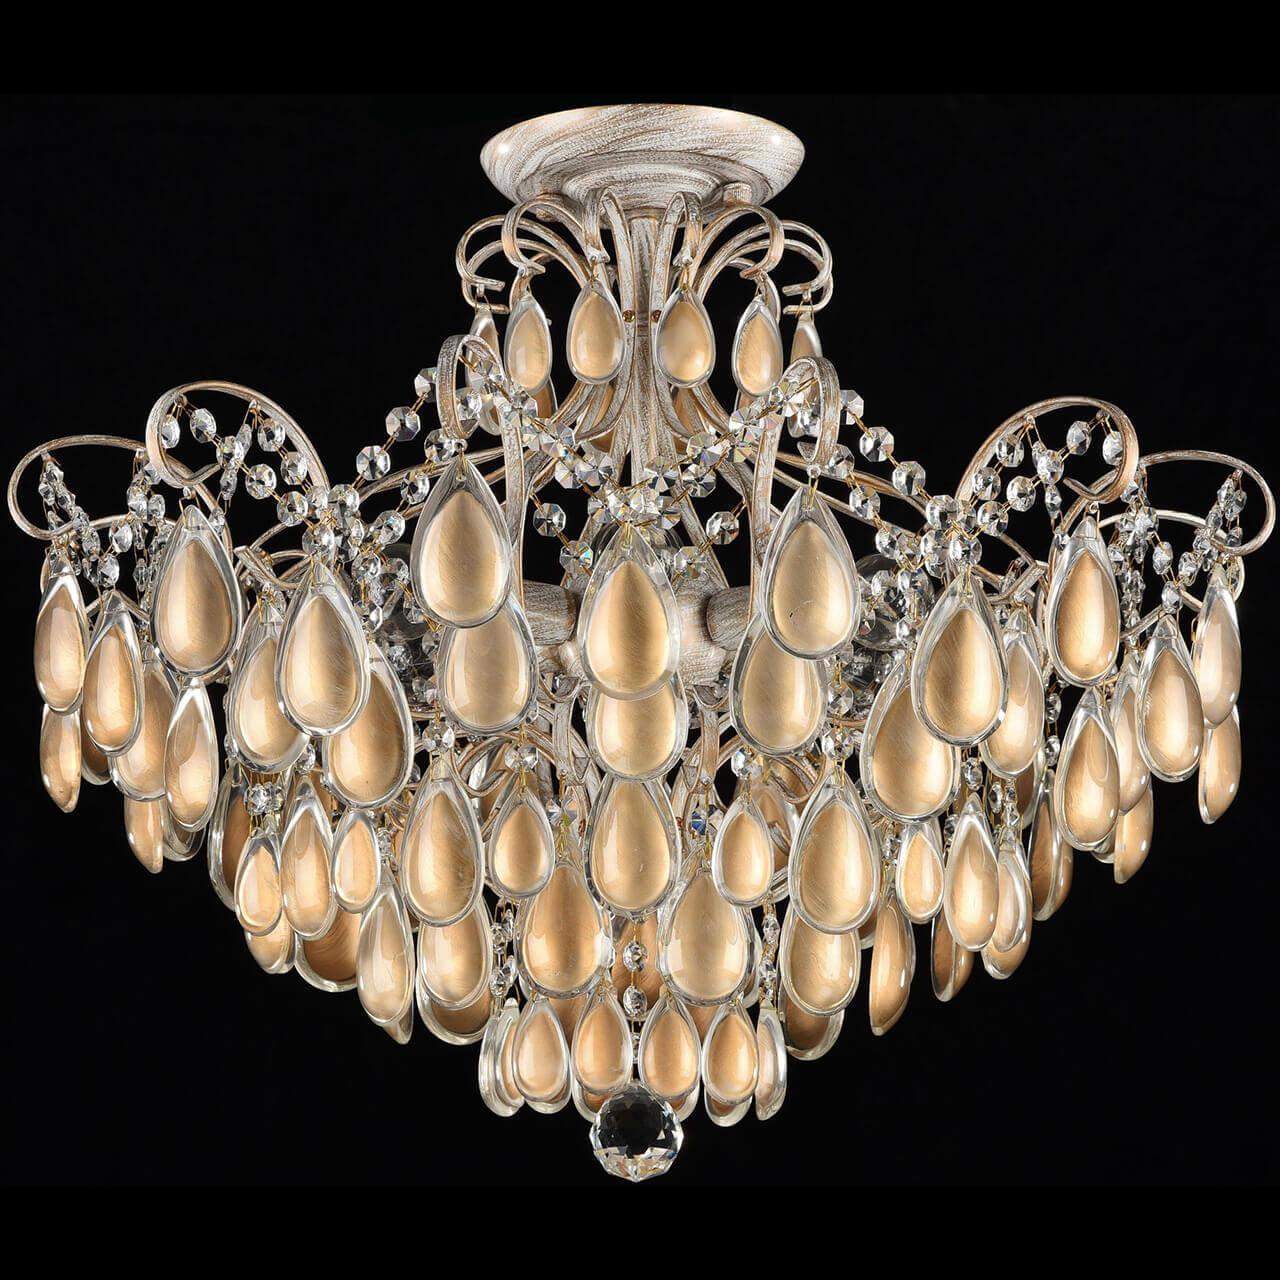 Потолочный светильник Freya FR2302-CL-06-WG, E14, 40 Вт потолочная люстра freya fr2302 cl 04 wg